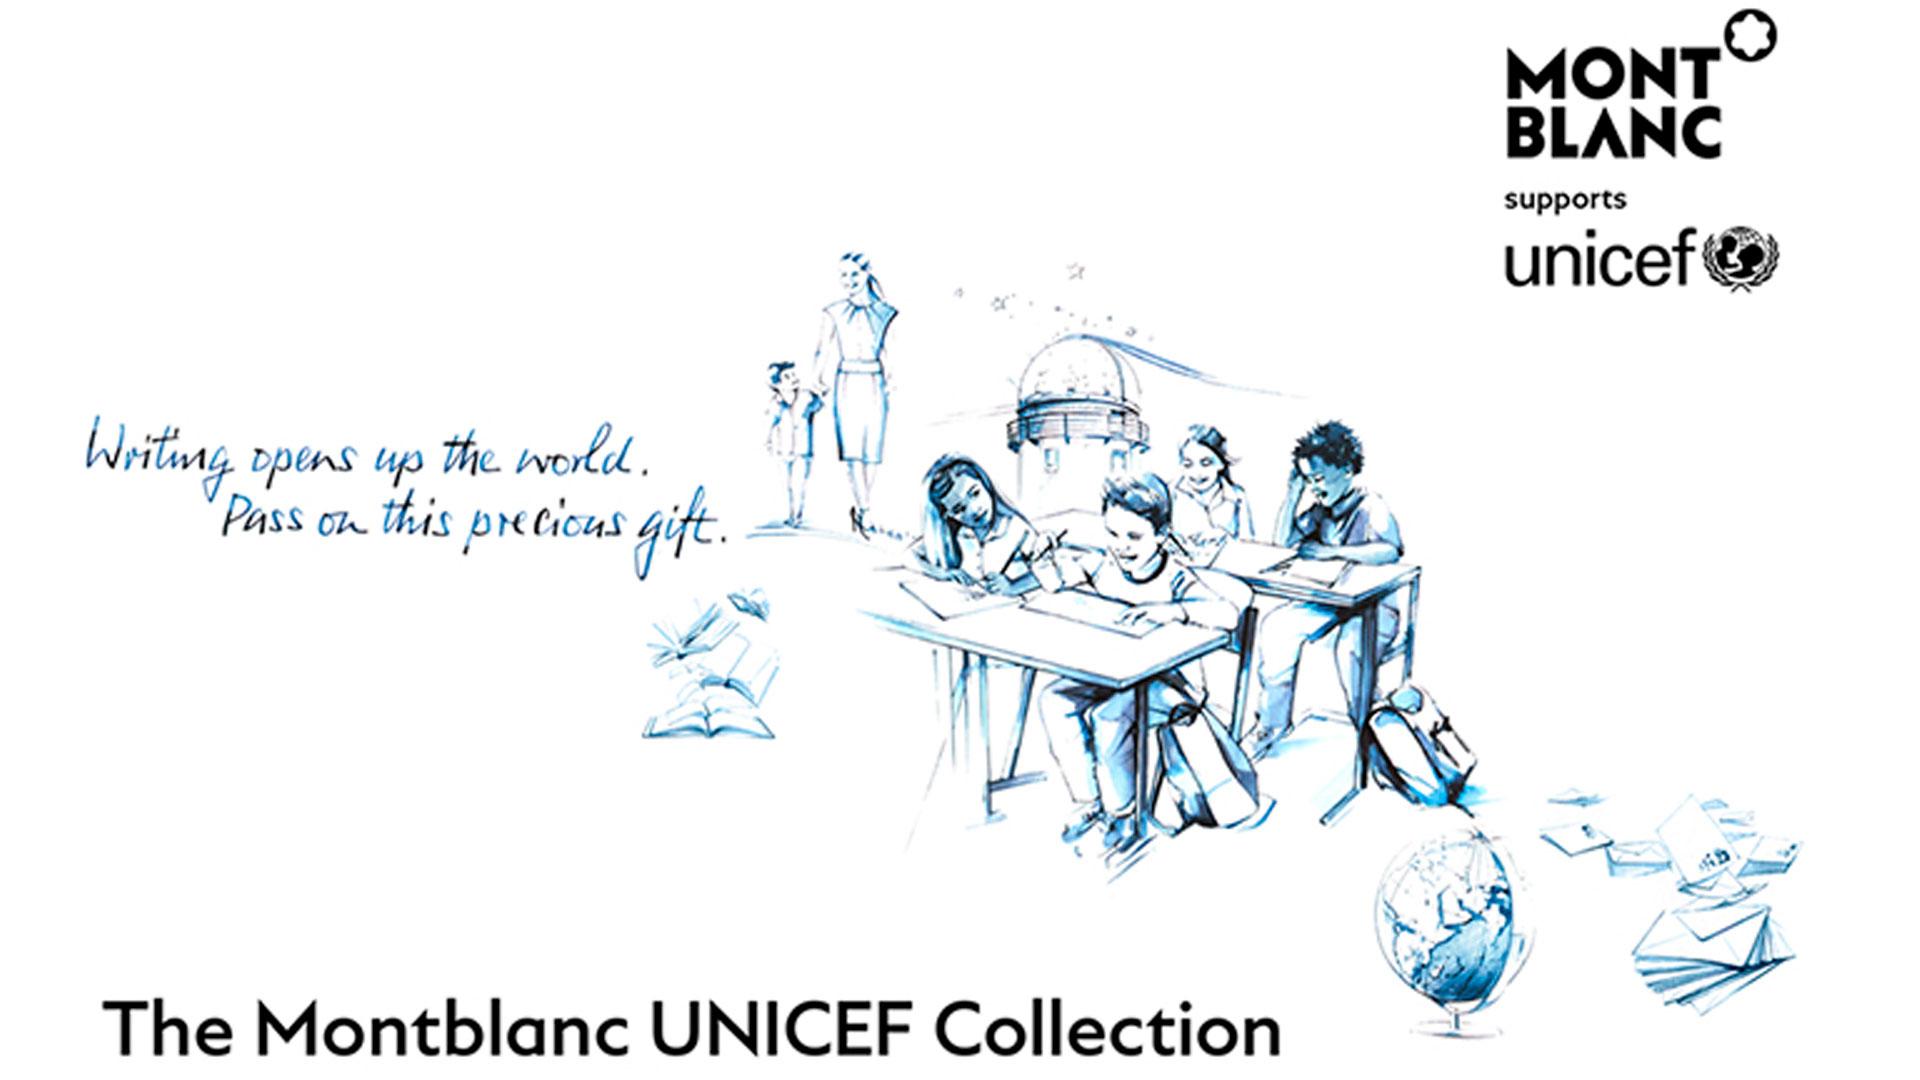 Montblanc Recauda Más de 1 Millón de Dólares Con Su Campaña a favor de UNICEF (Asociación Signature For Good)